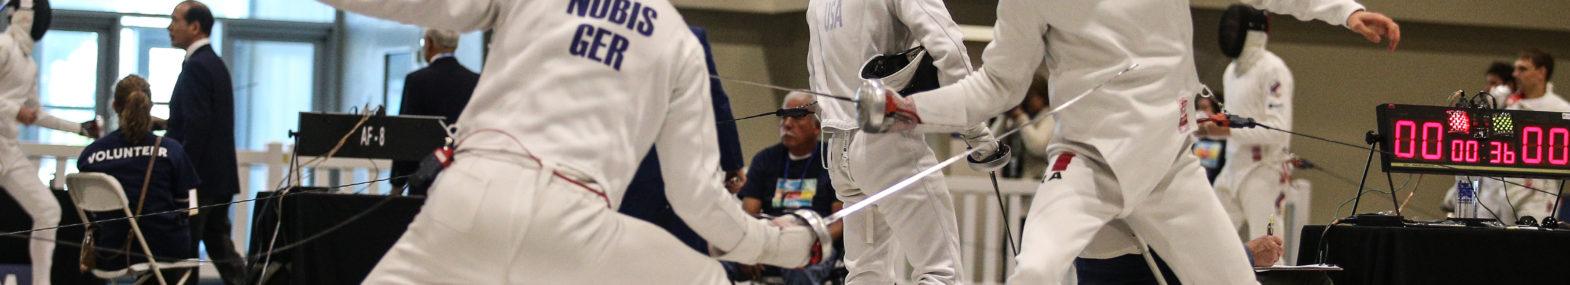 Rückenansicht vom 1,96 Meter großen Alexander Nobis während eines Fechtwettkampfs.